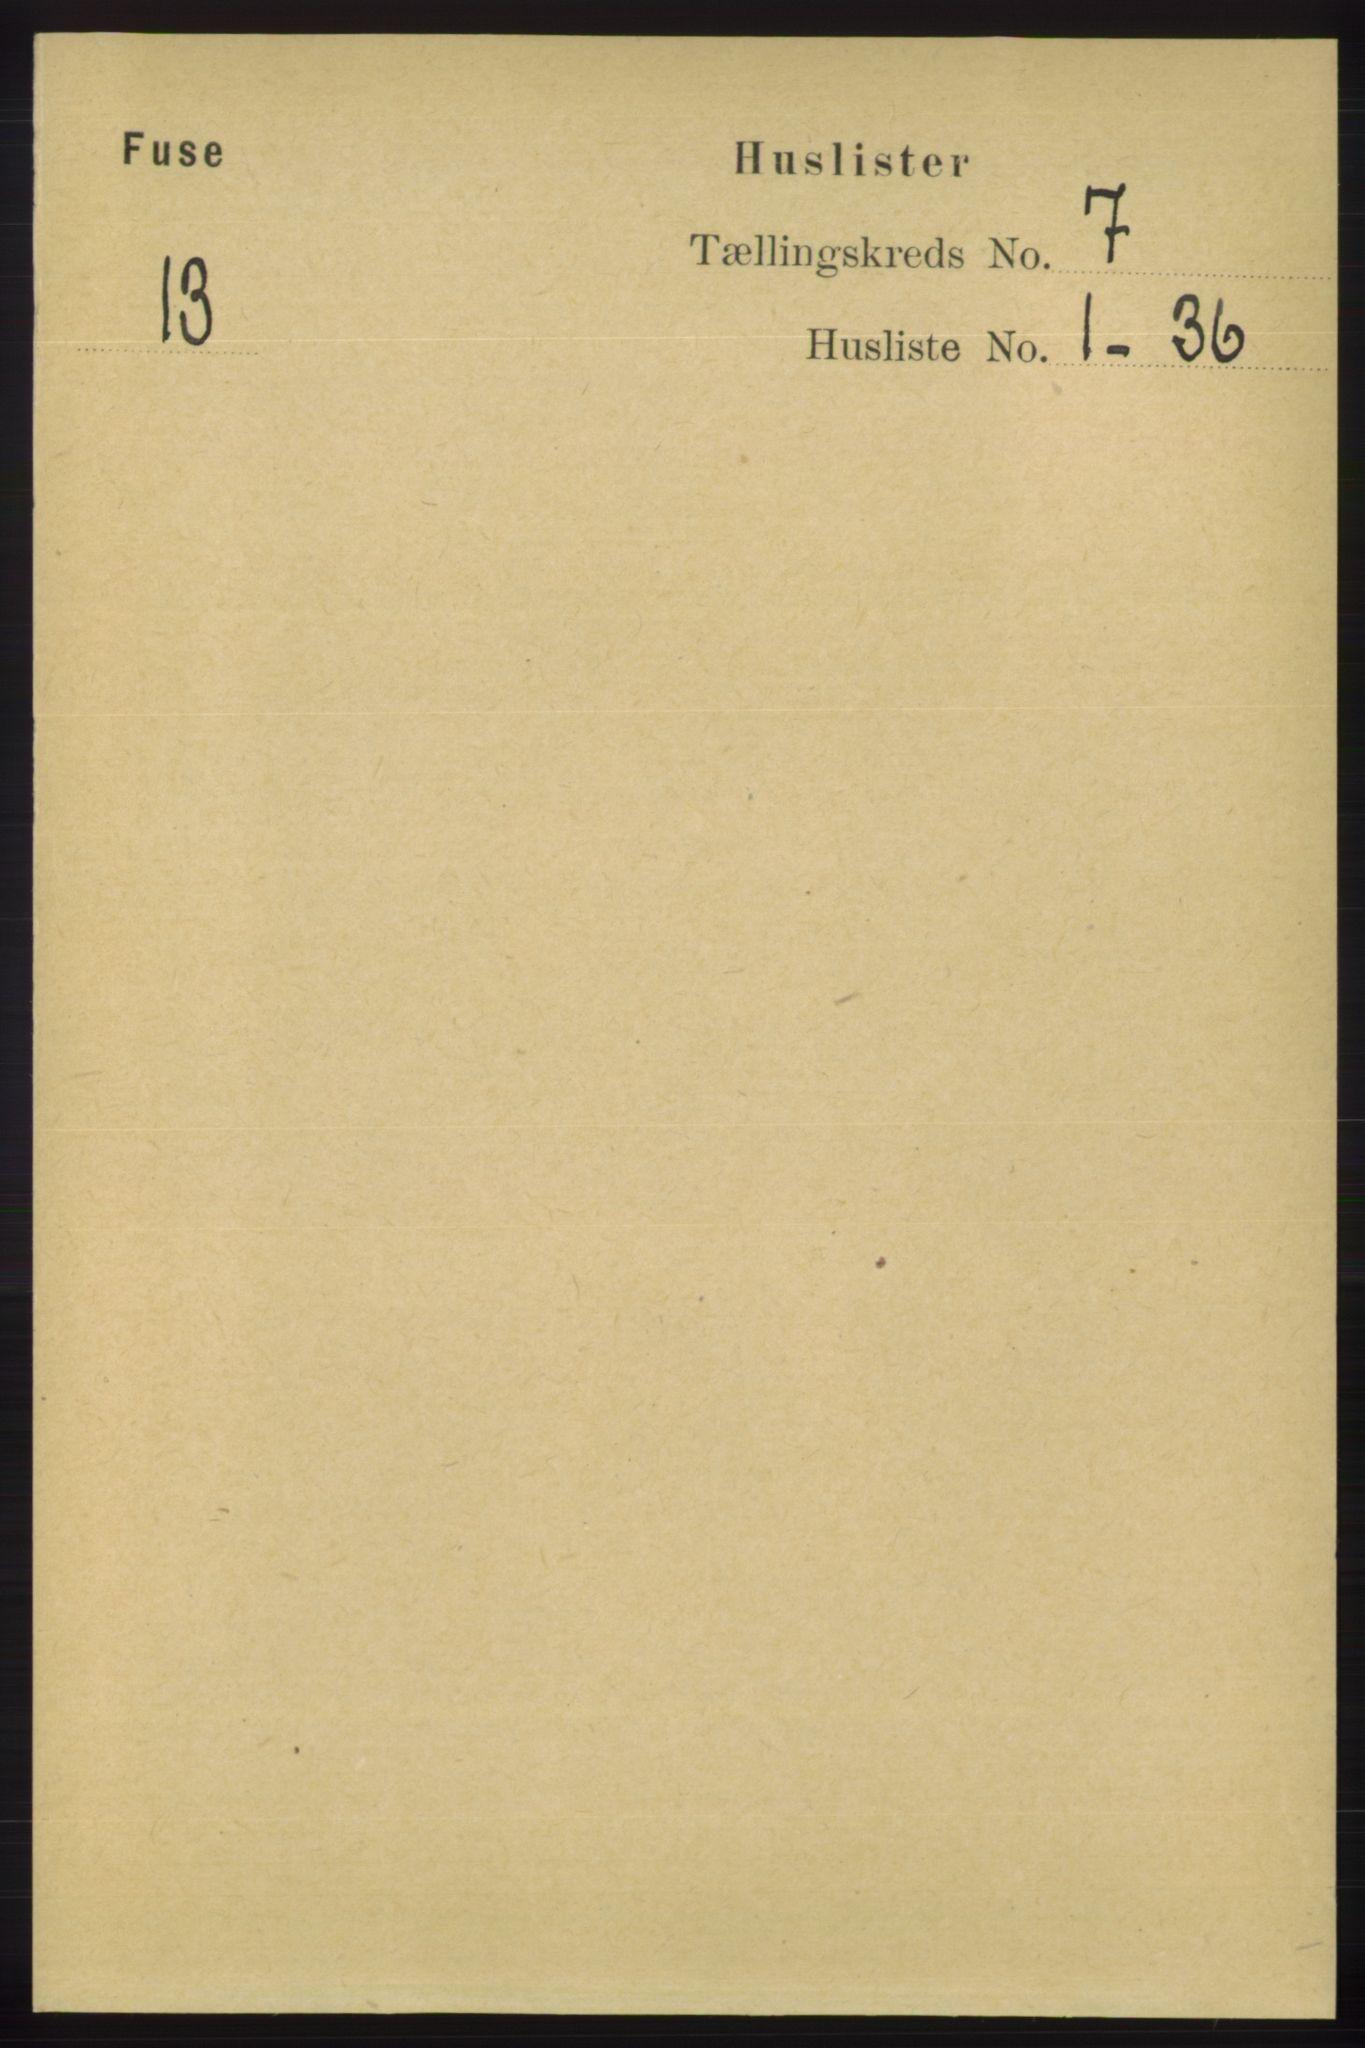 RA, Folketelling 1891 for 1241 Fusa herred, 1891, s. 1263